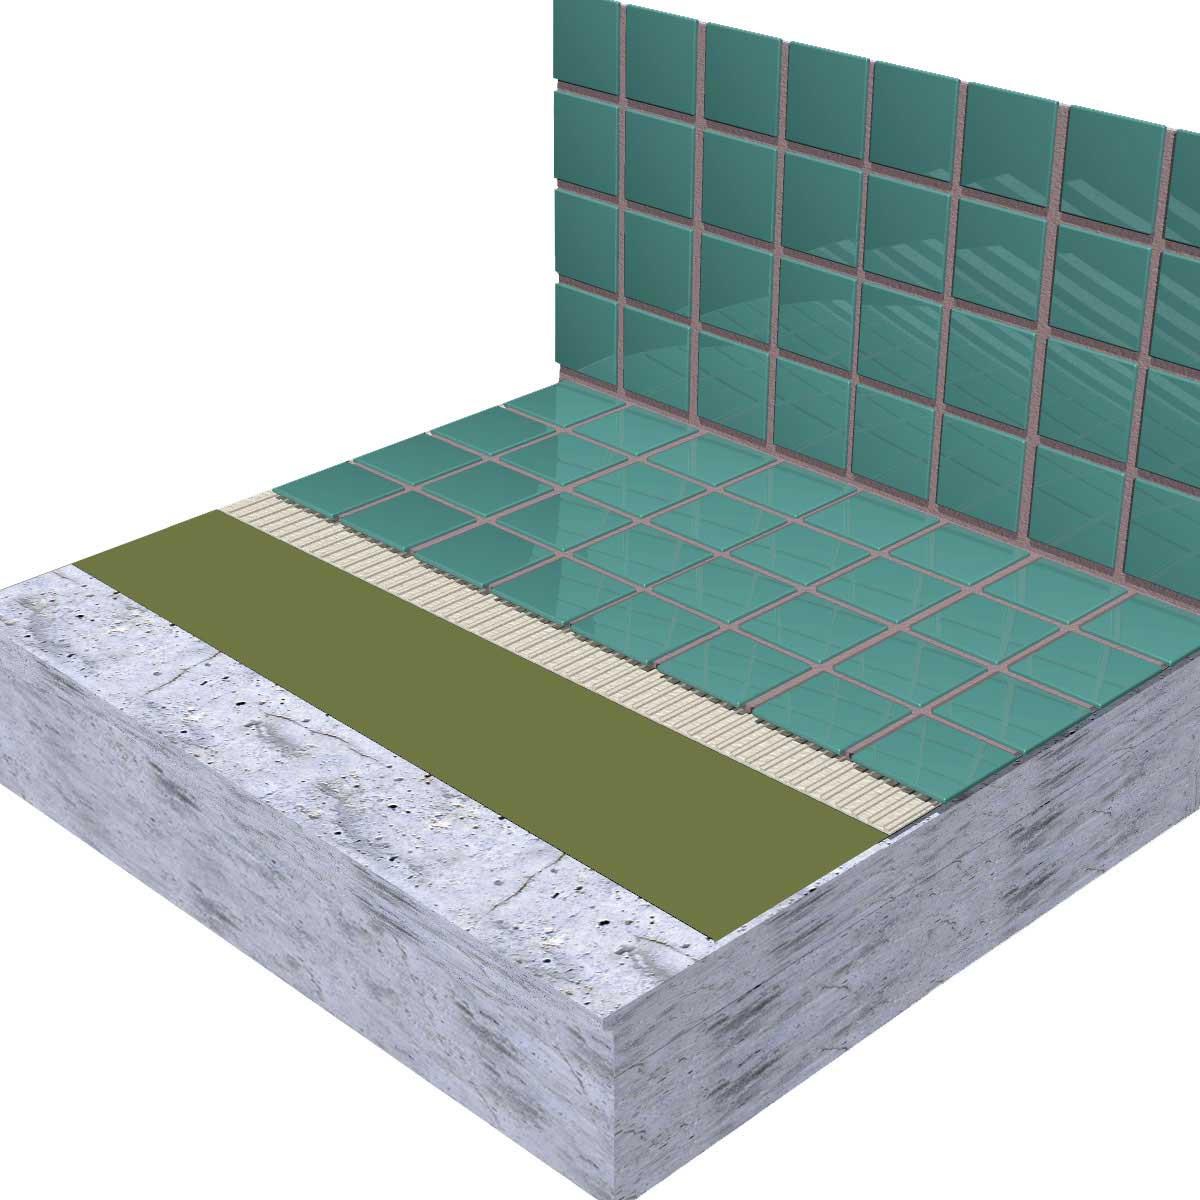 Laticrete Hydro Ban Waterproof Membrane Contractors Direct